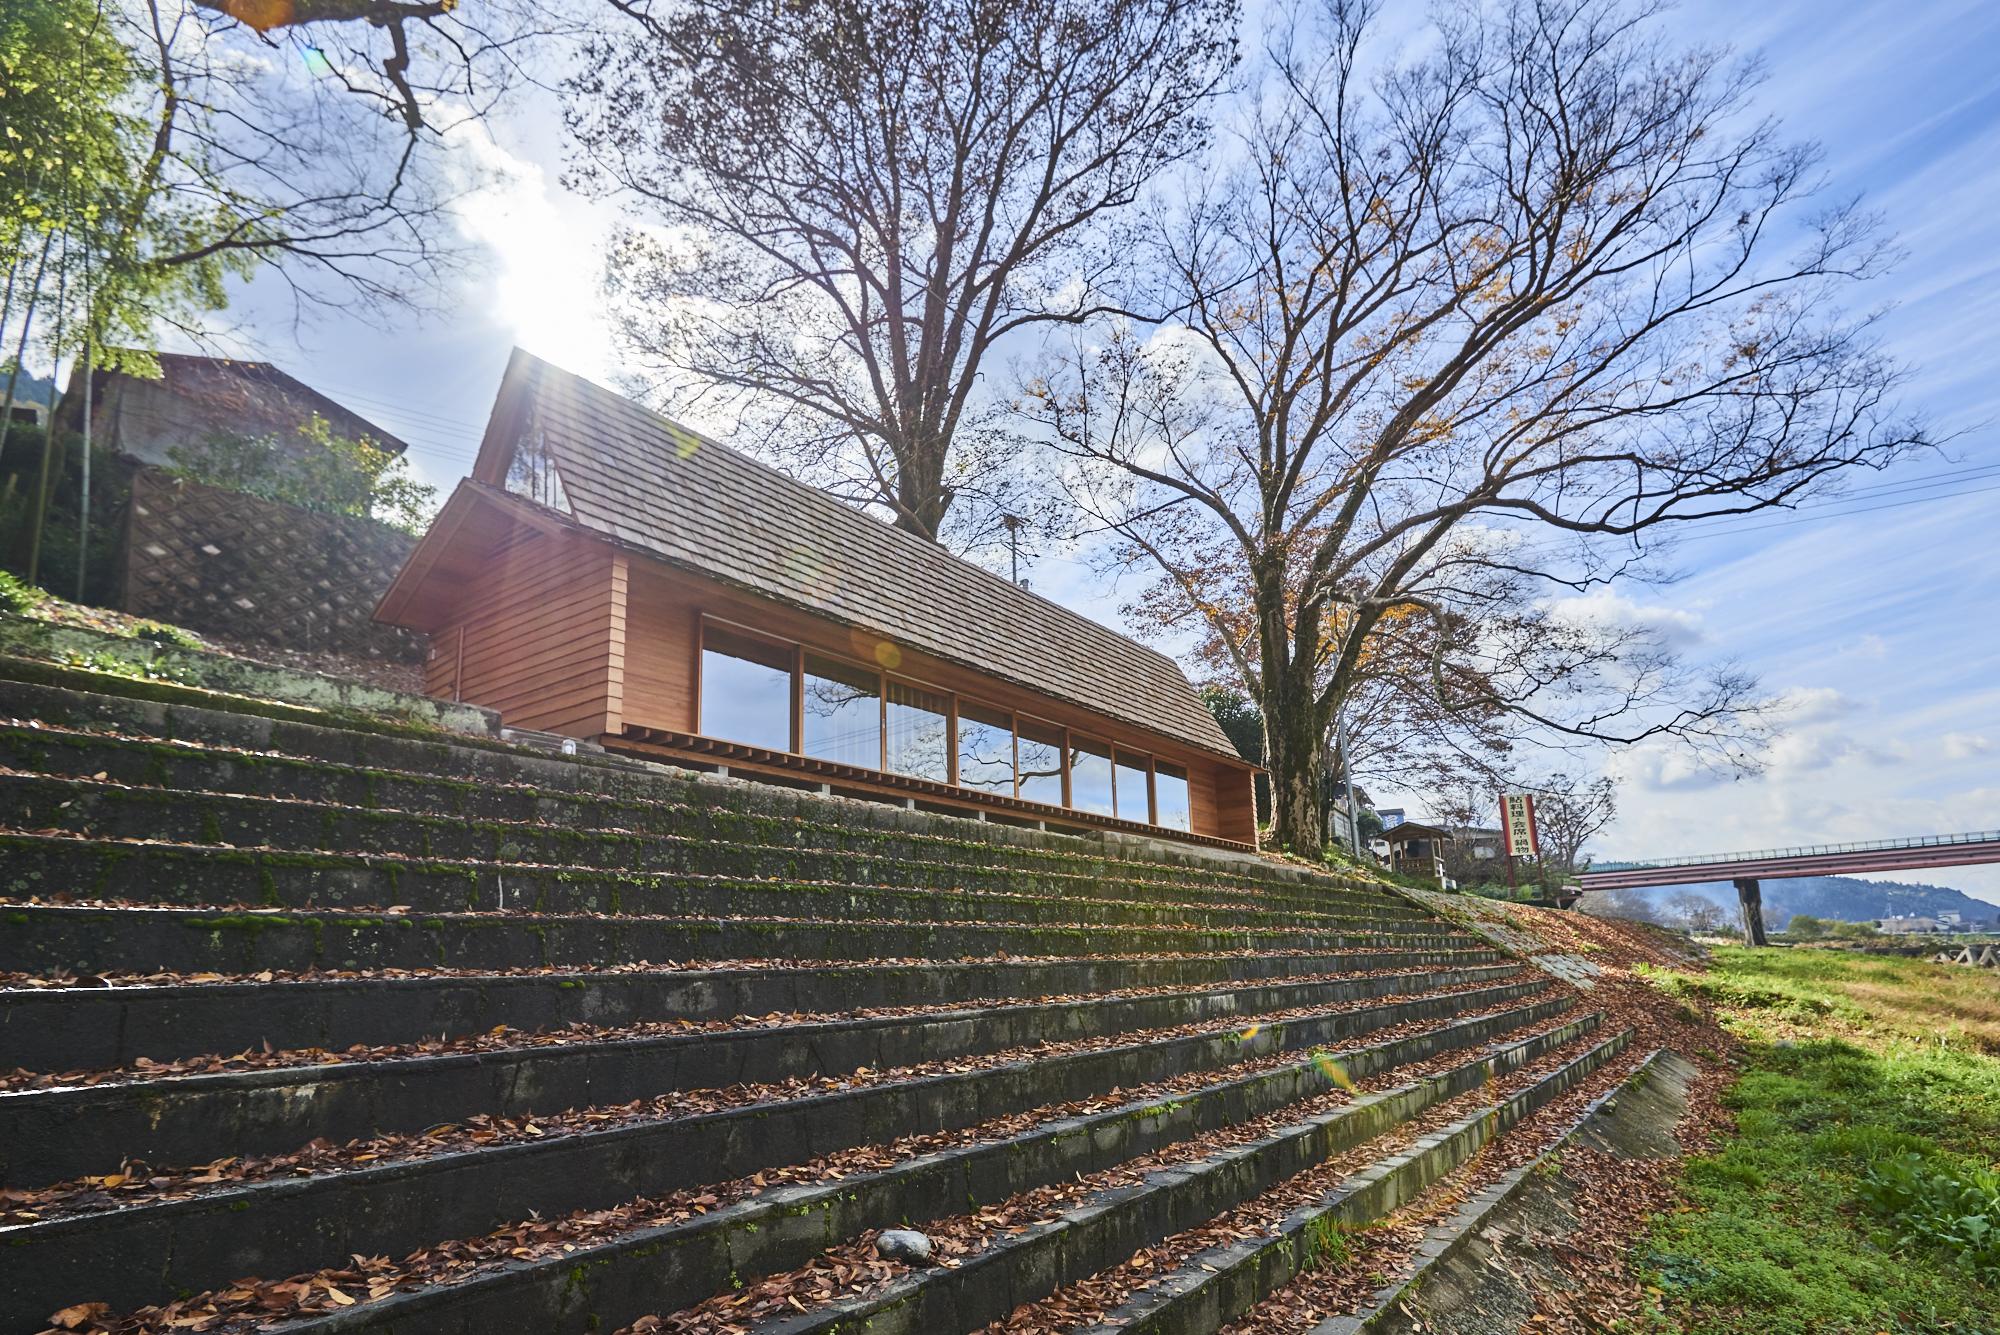 airbnb-se-une-a-comunidade-local-para-erguer-hospedagem-em-cidade-japonesa